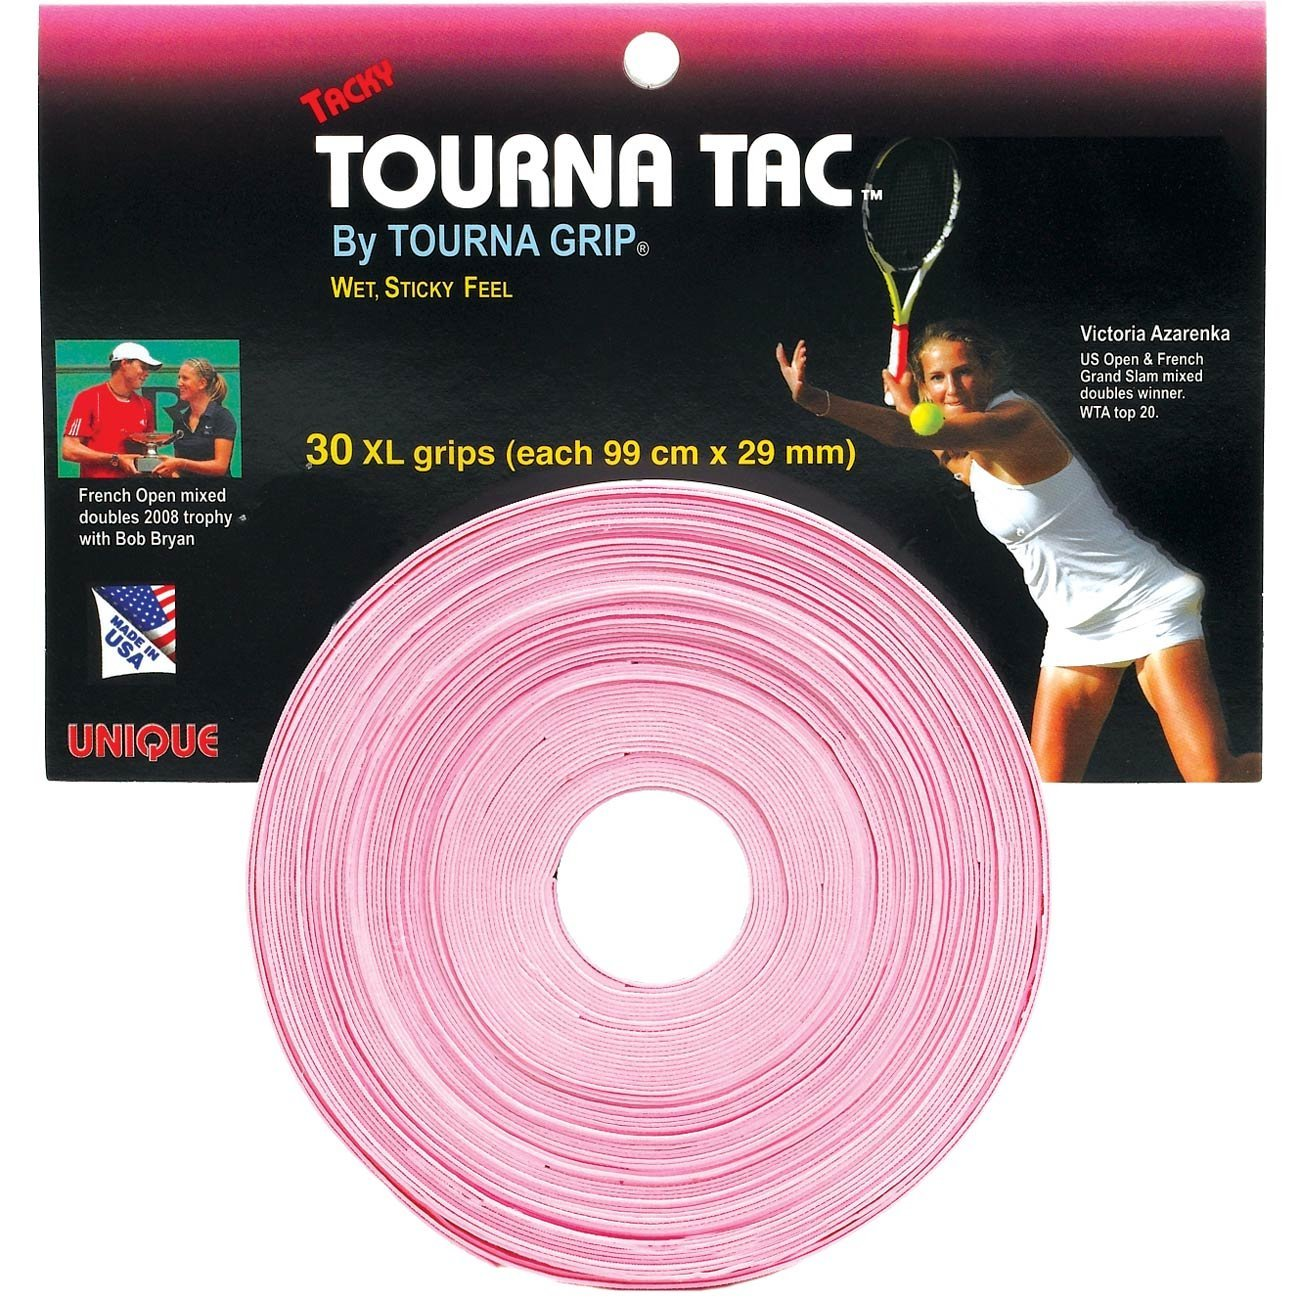 Unique Tourna Grip Tac Pink XL (30x) 103 cm x 29 mm 1